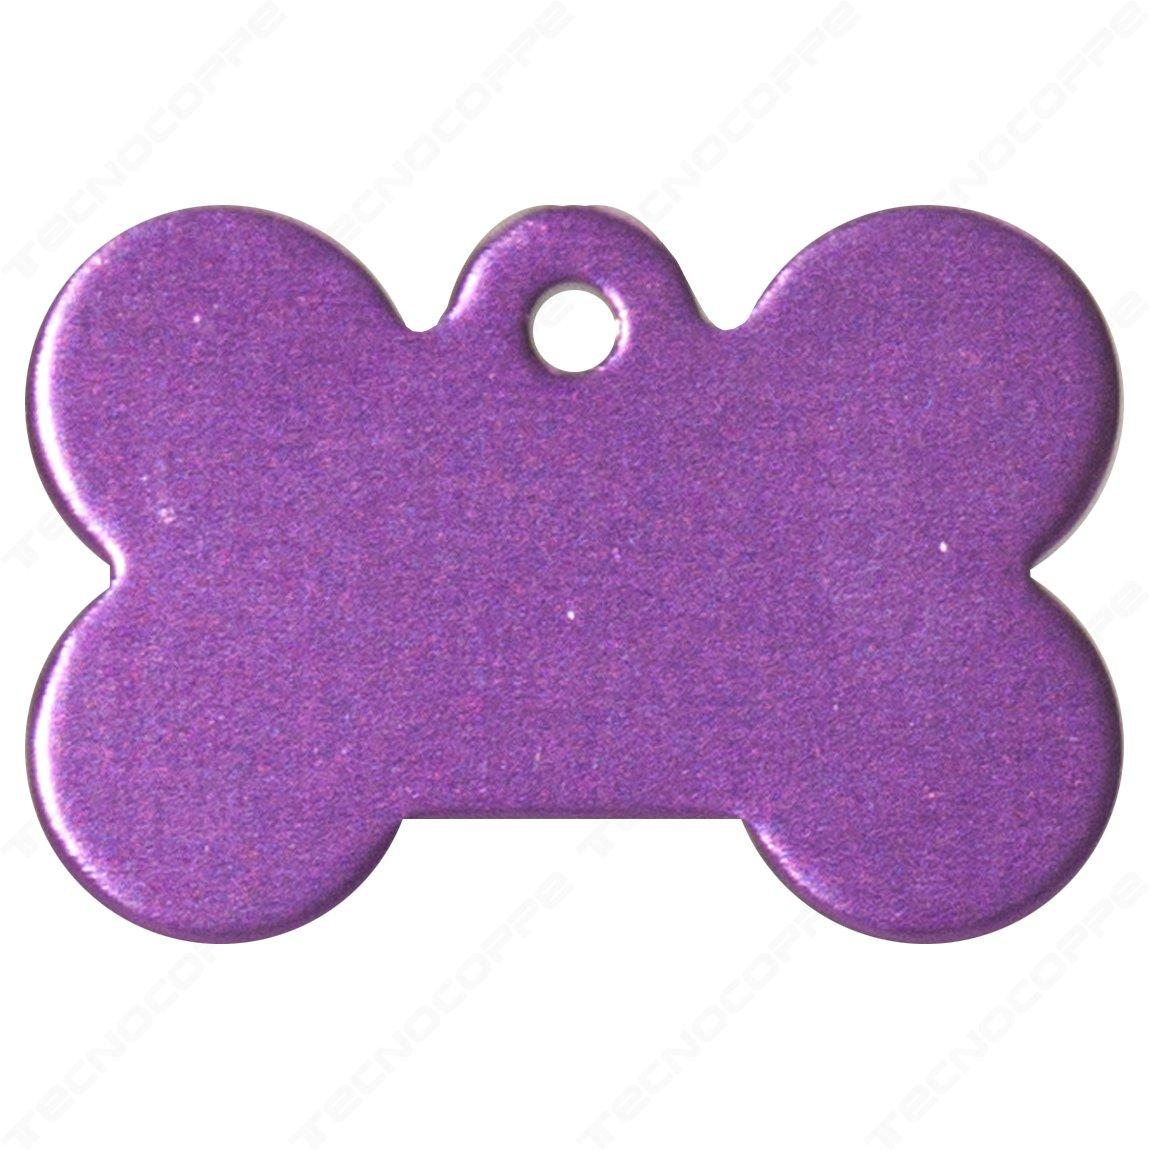 Medalla Morado para perro modelo hueso grabado personalizada tecnocoppe